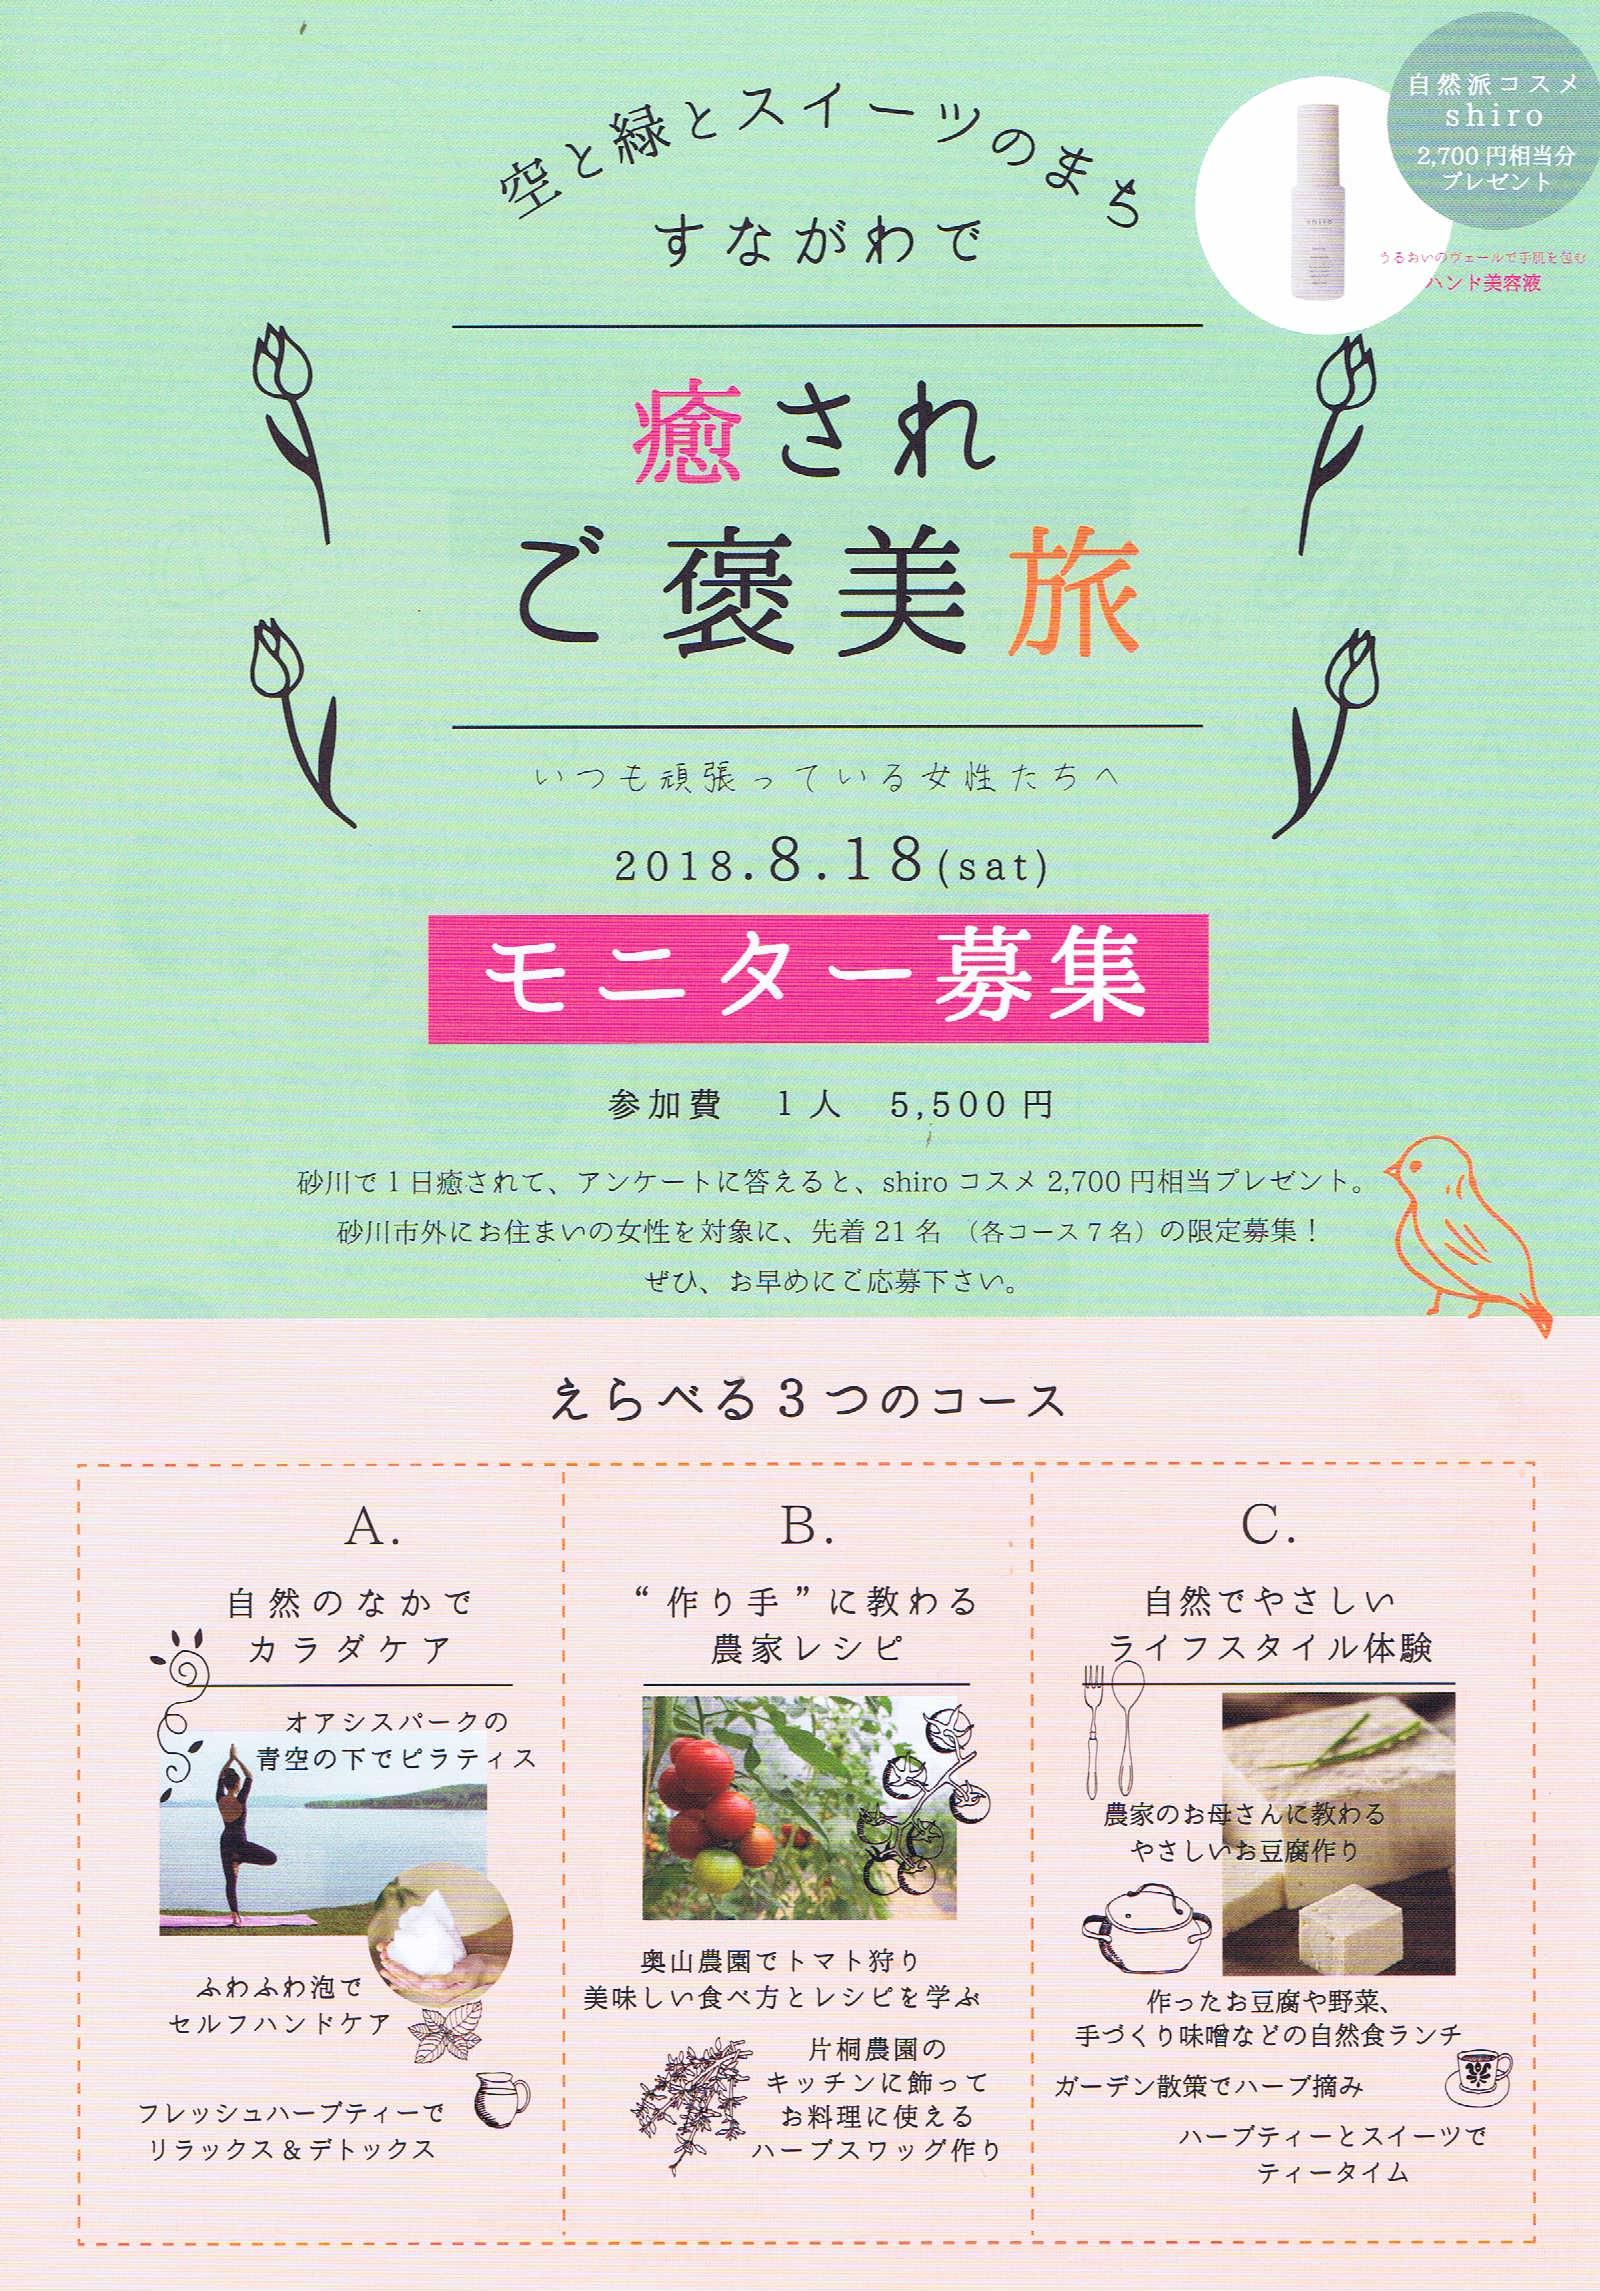 空と緑とスイーツのまち すながわで癒されご褒美旅 モニター募集のポスター